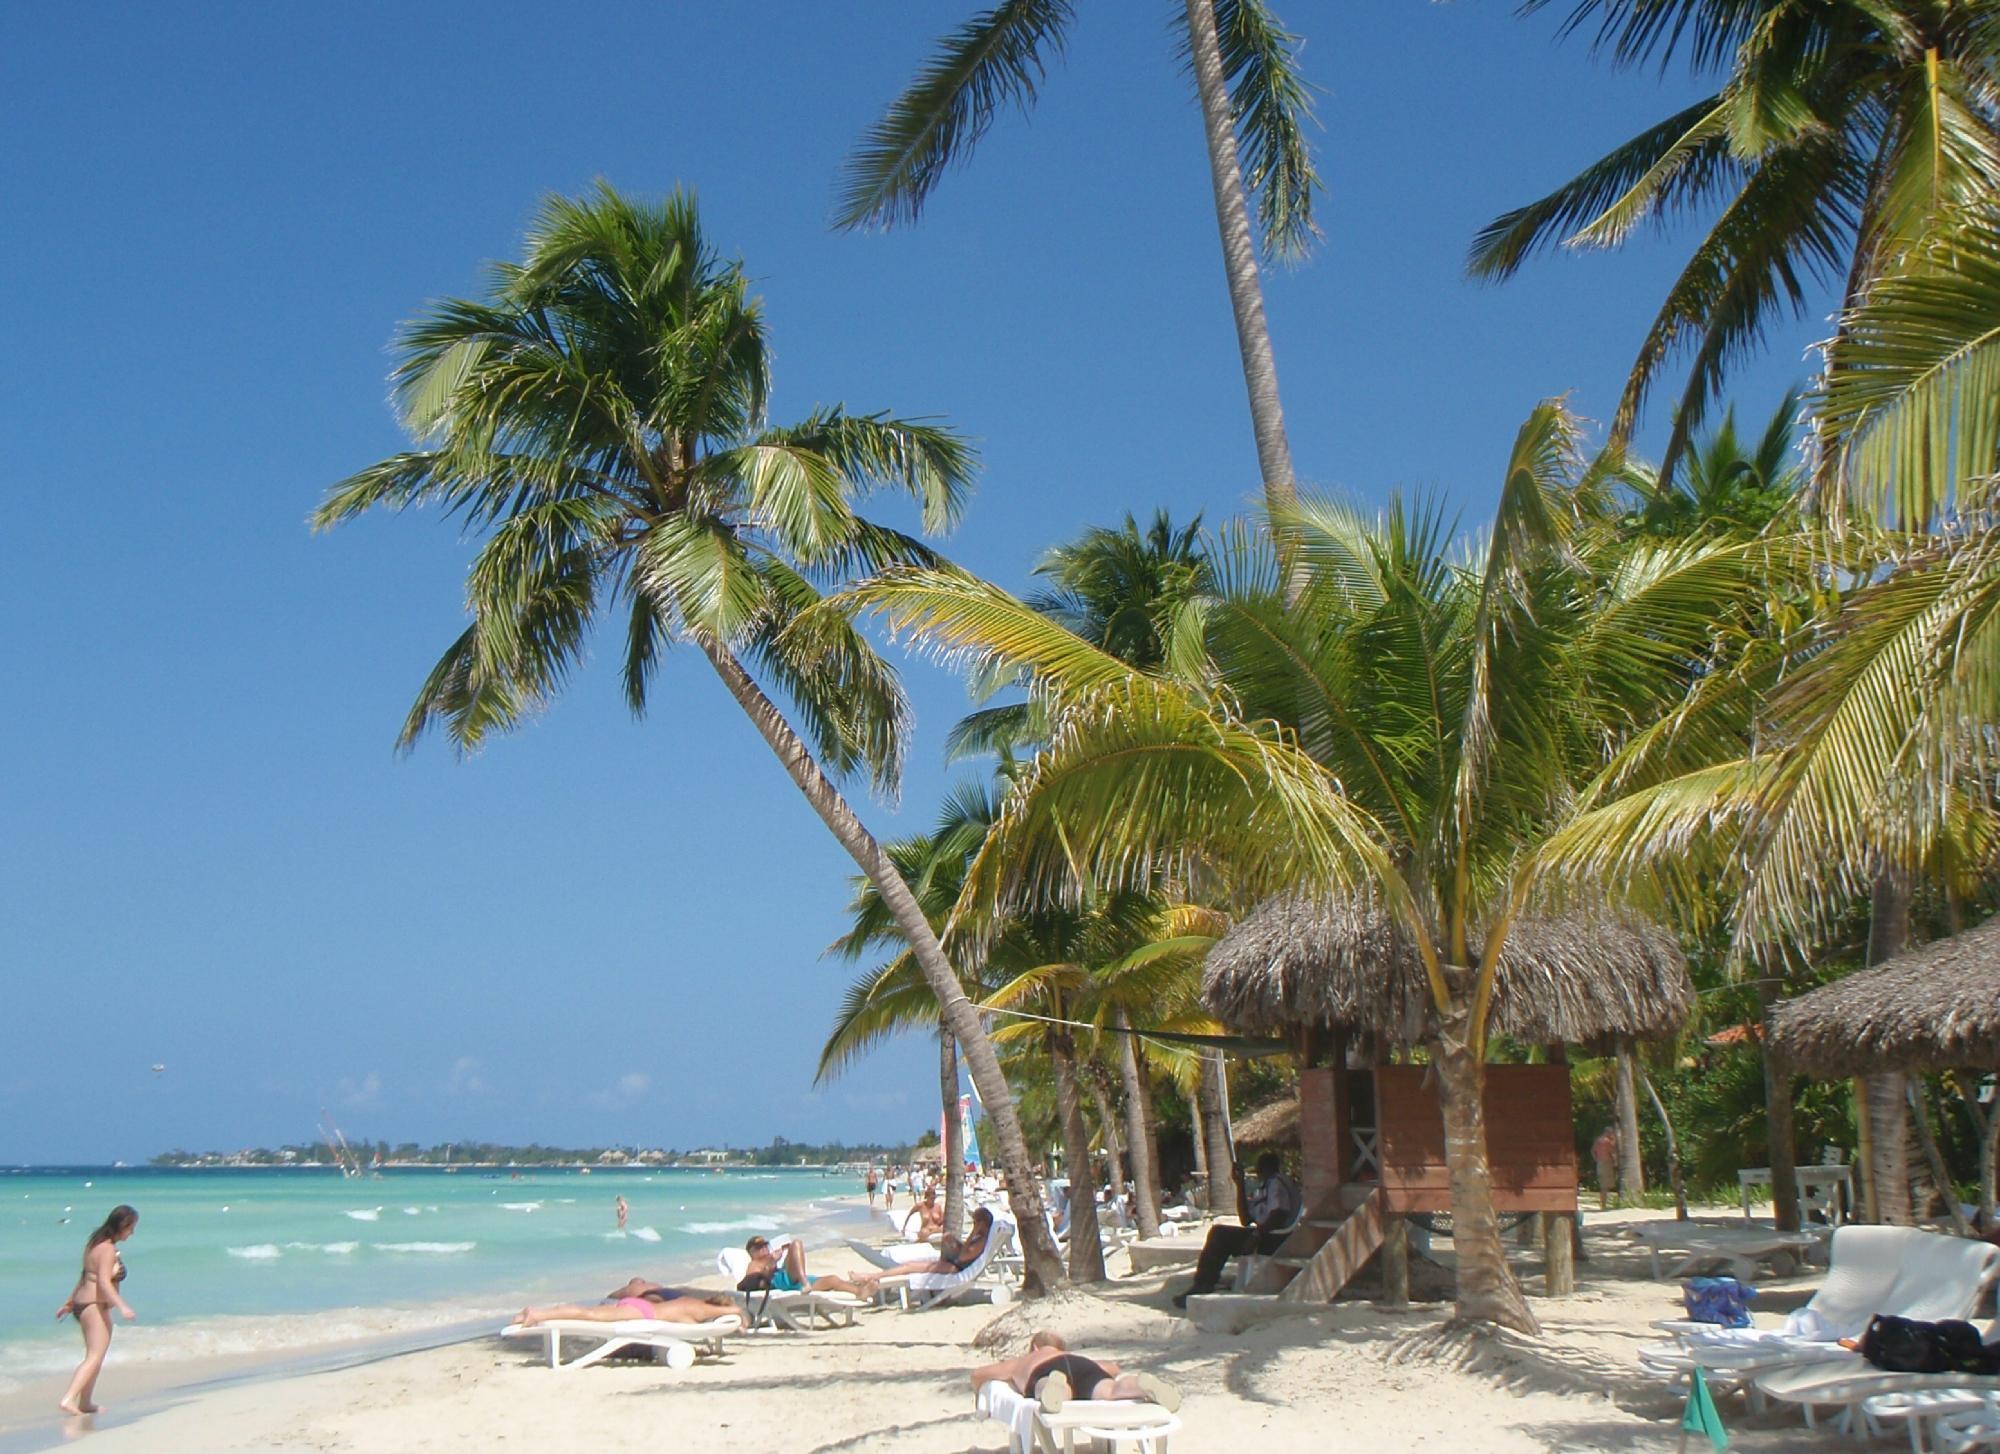 TripAdvisor's top 10 beaches around the world